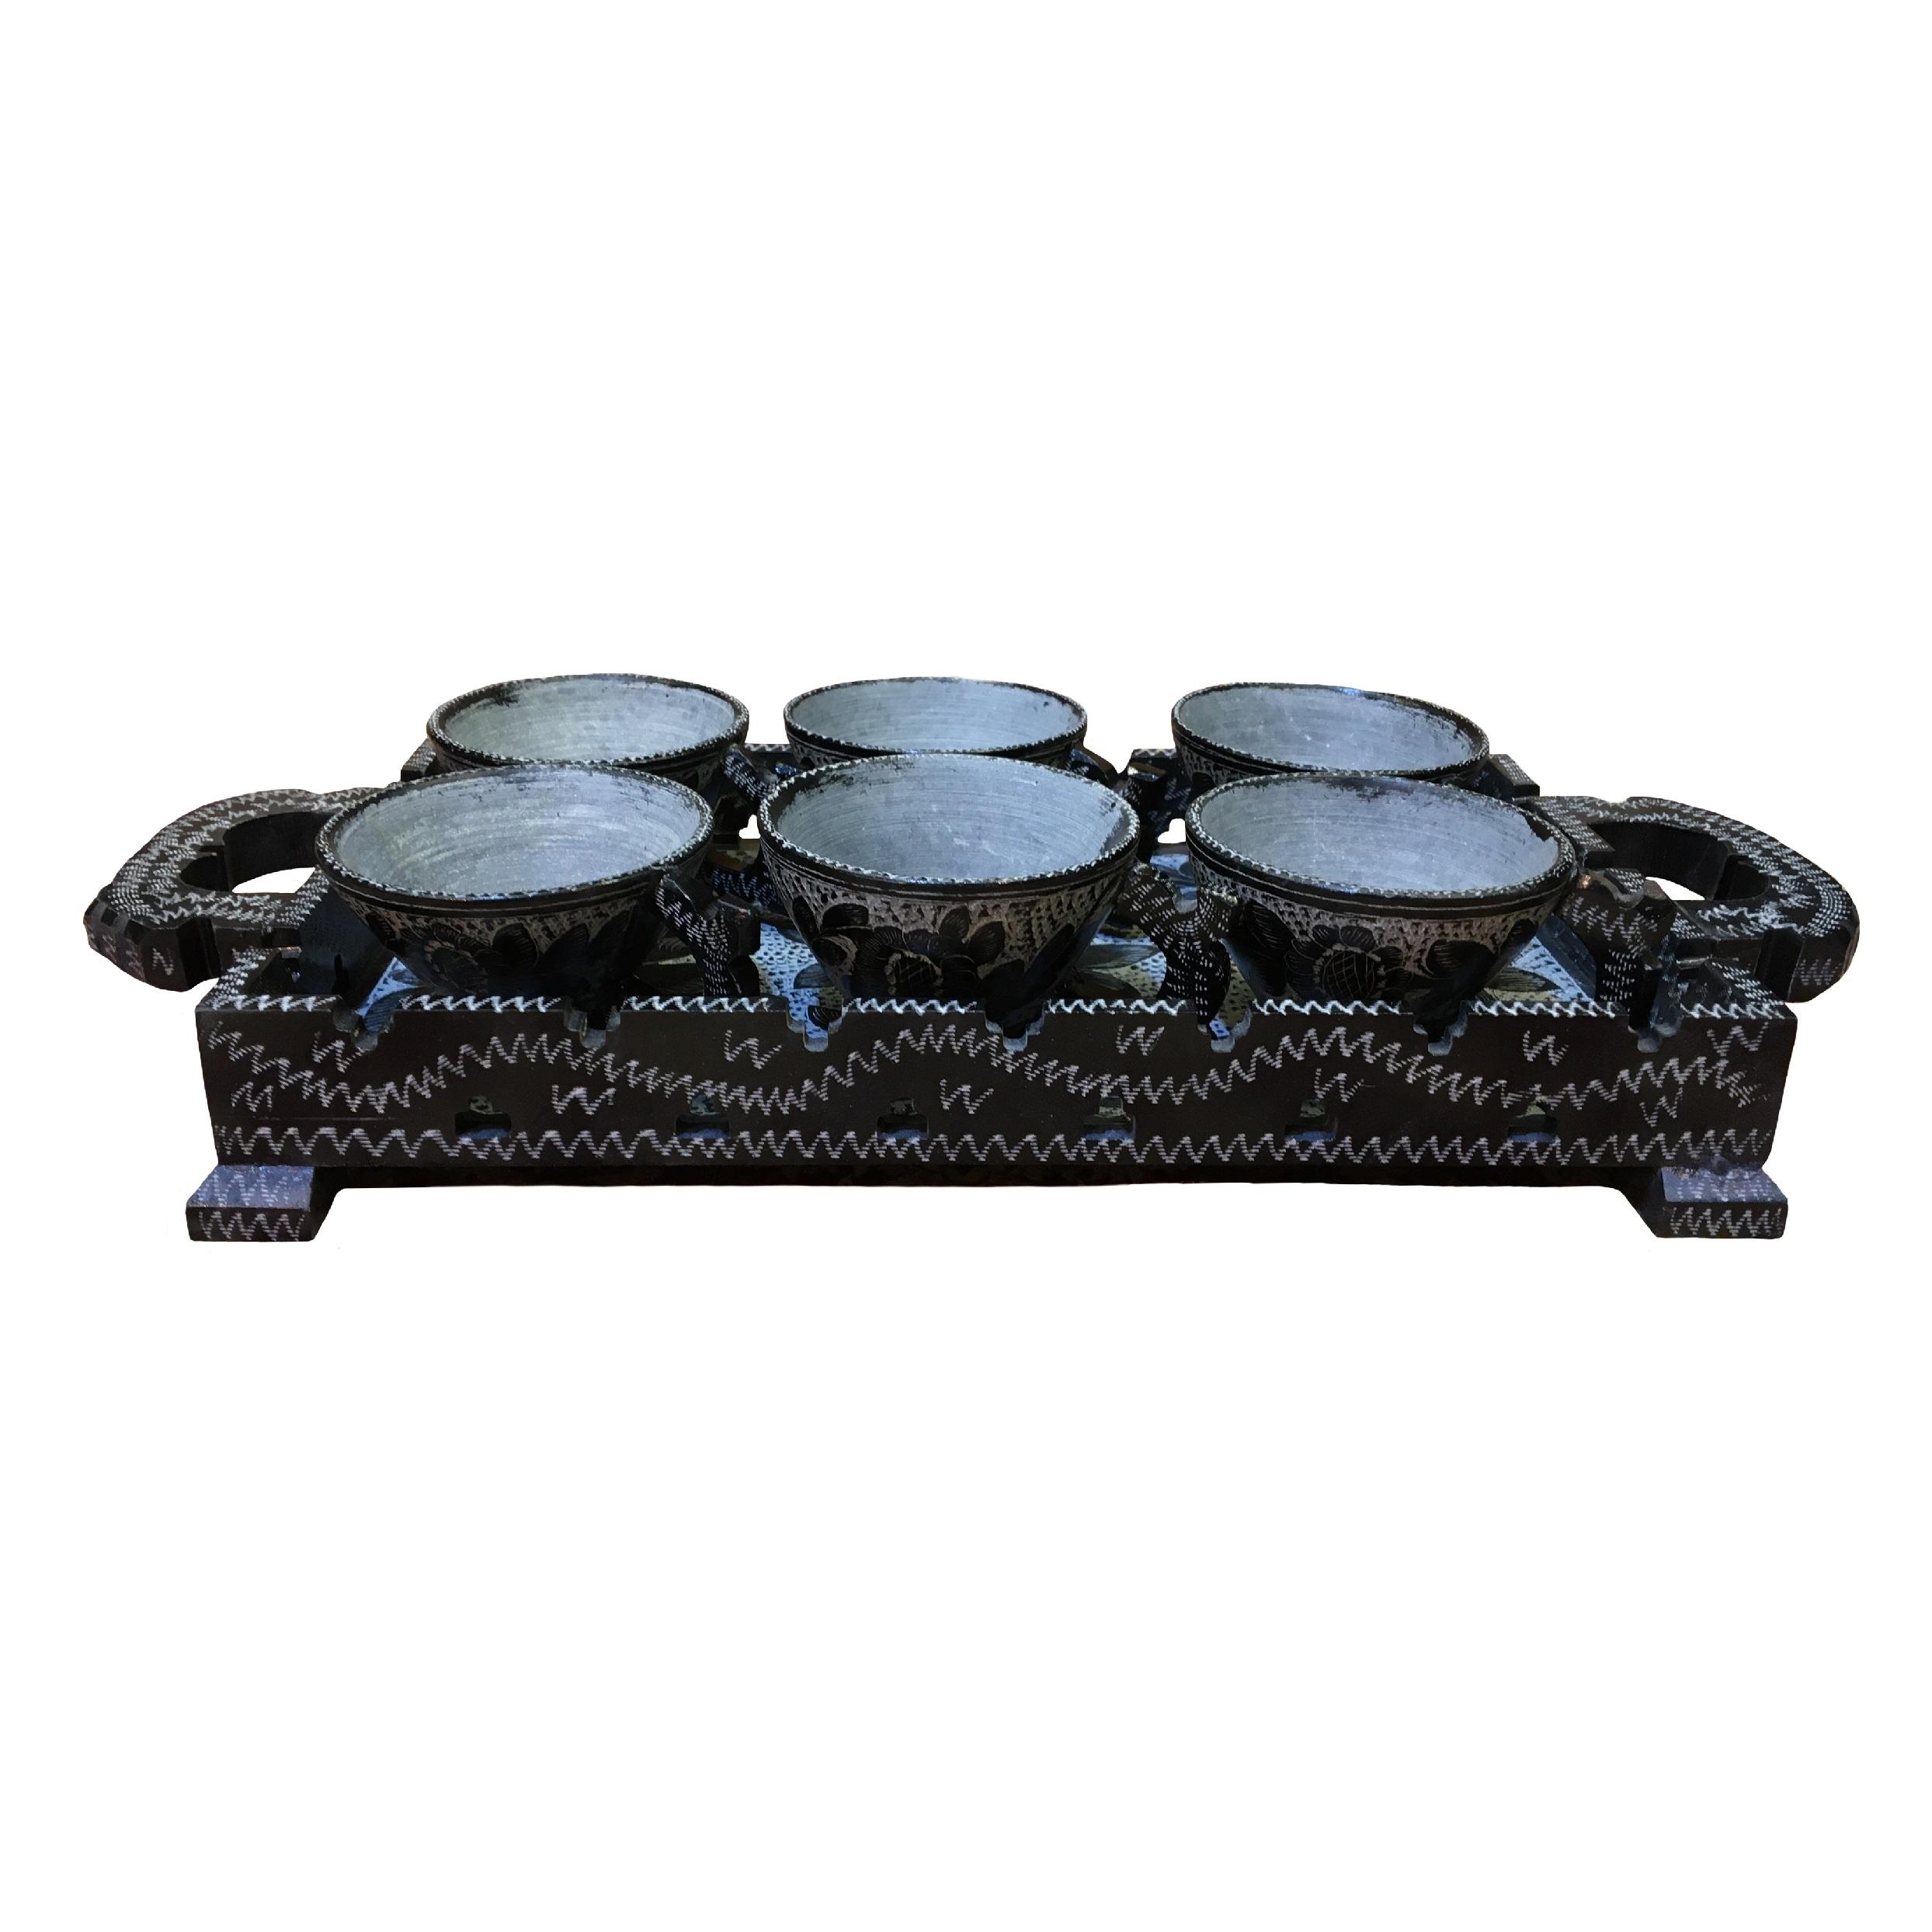 سرویس چای خوری سنگی طرح آنتوریم مجموعه  7 عددی